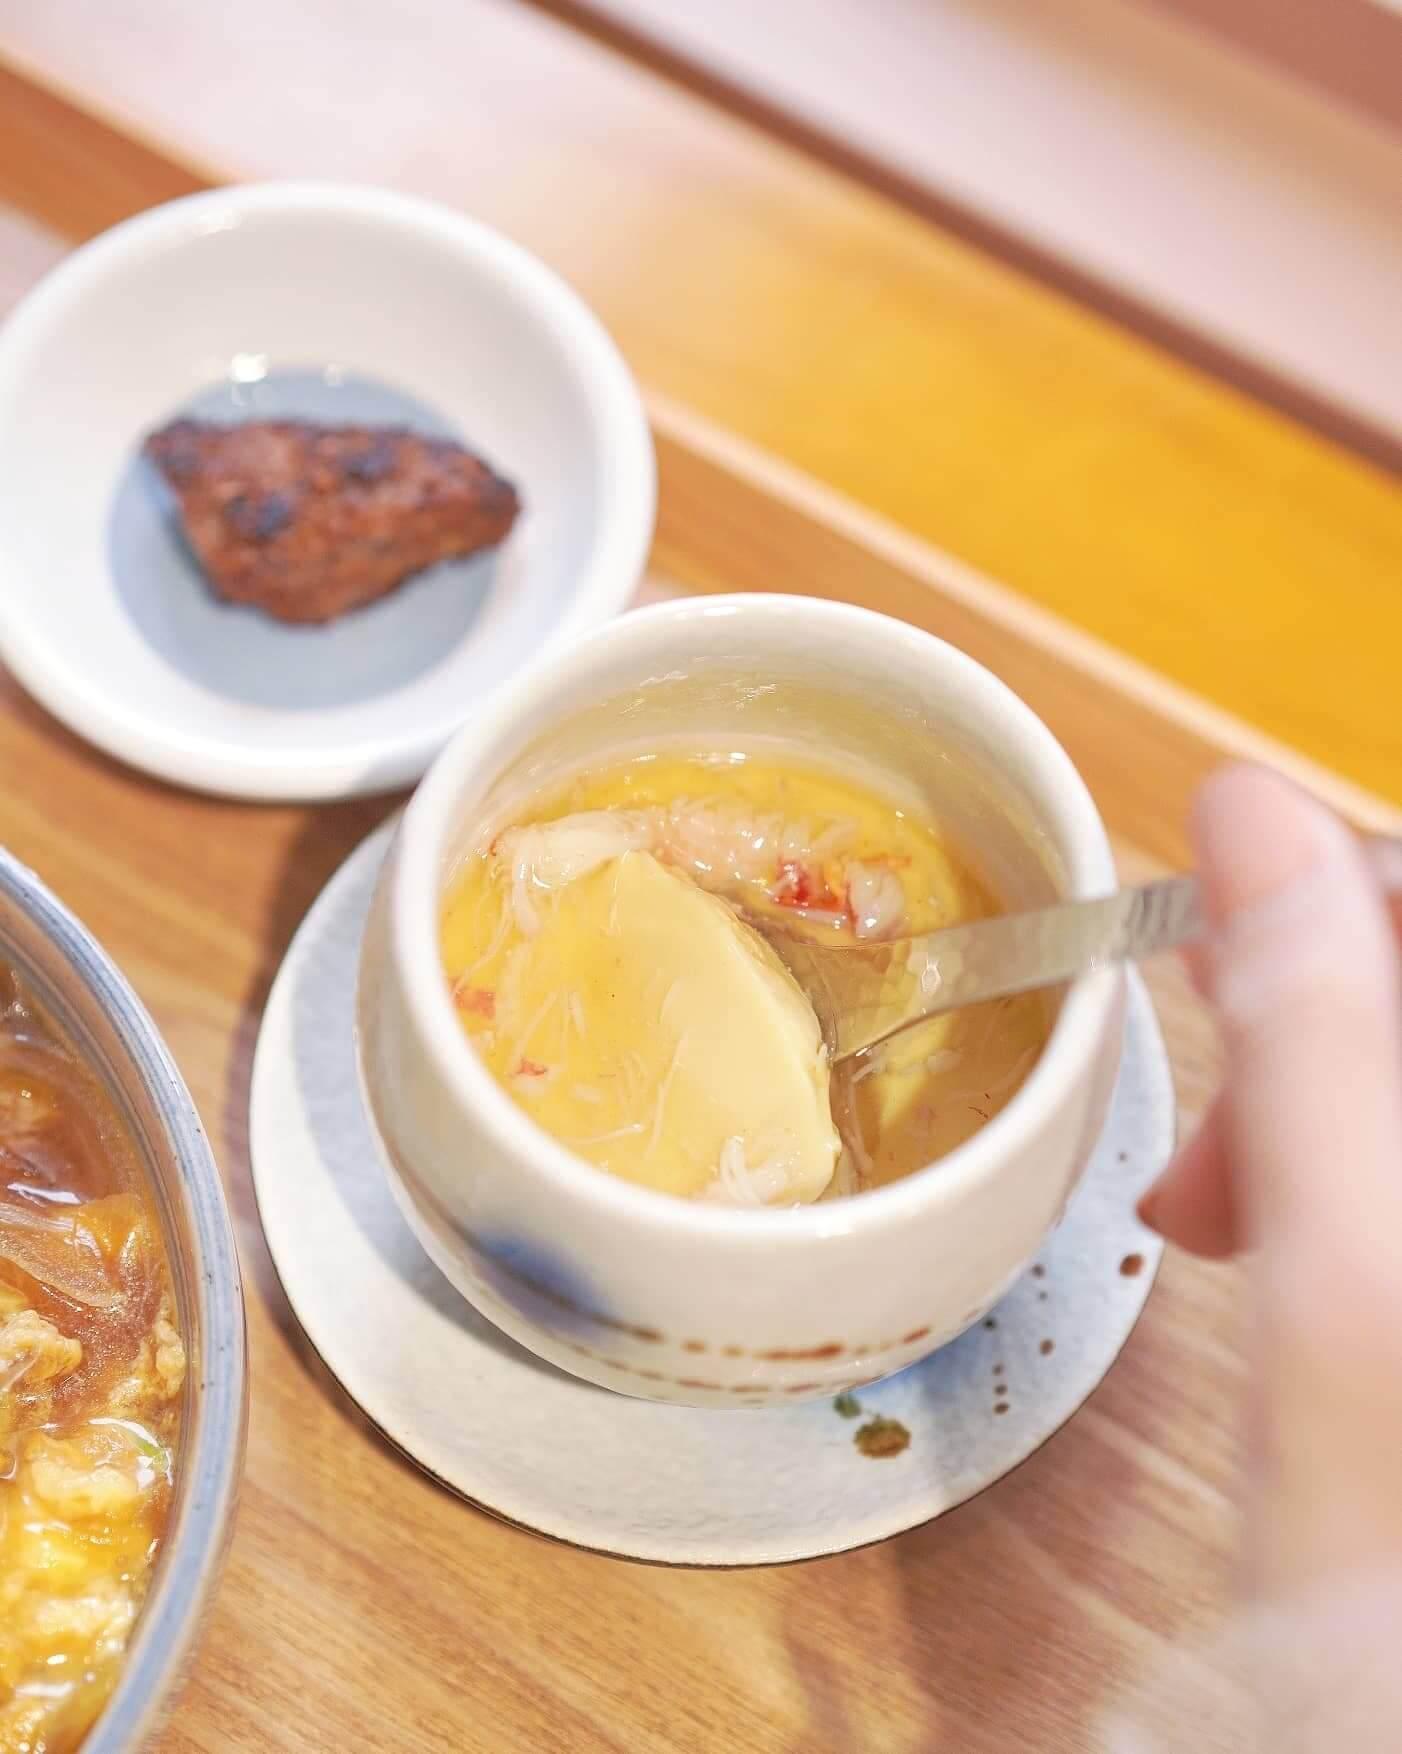 松葉蟹肉茶碗蒸,略嫌質地實咗啲,未有入口即化嘅口感。